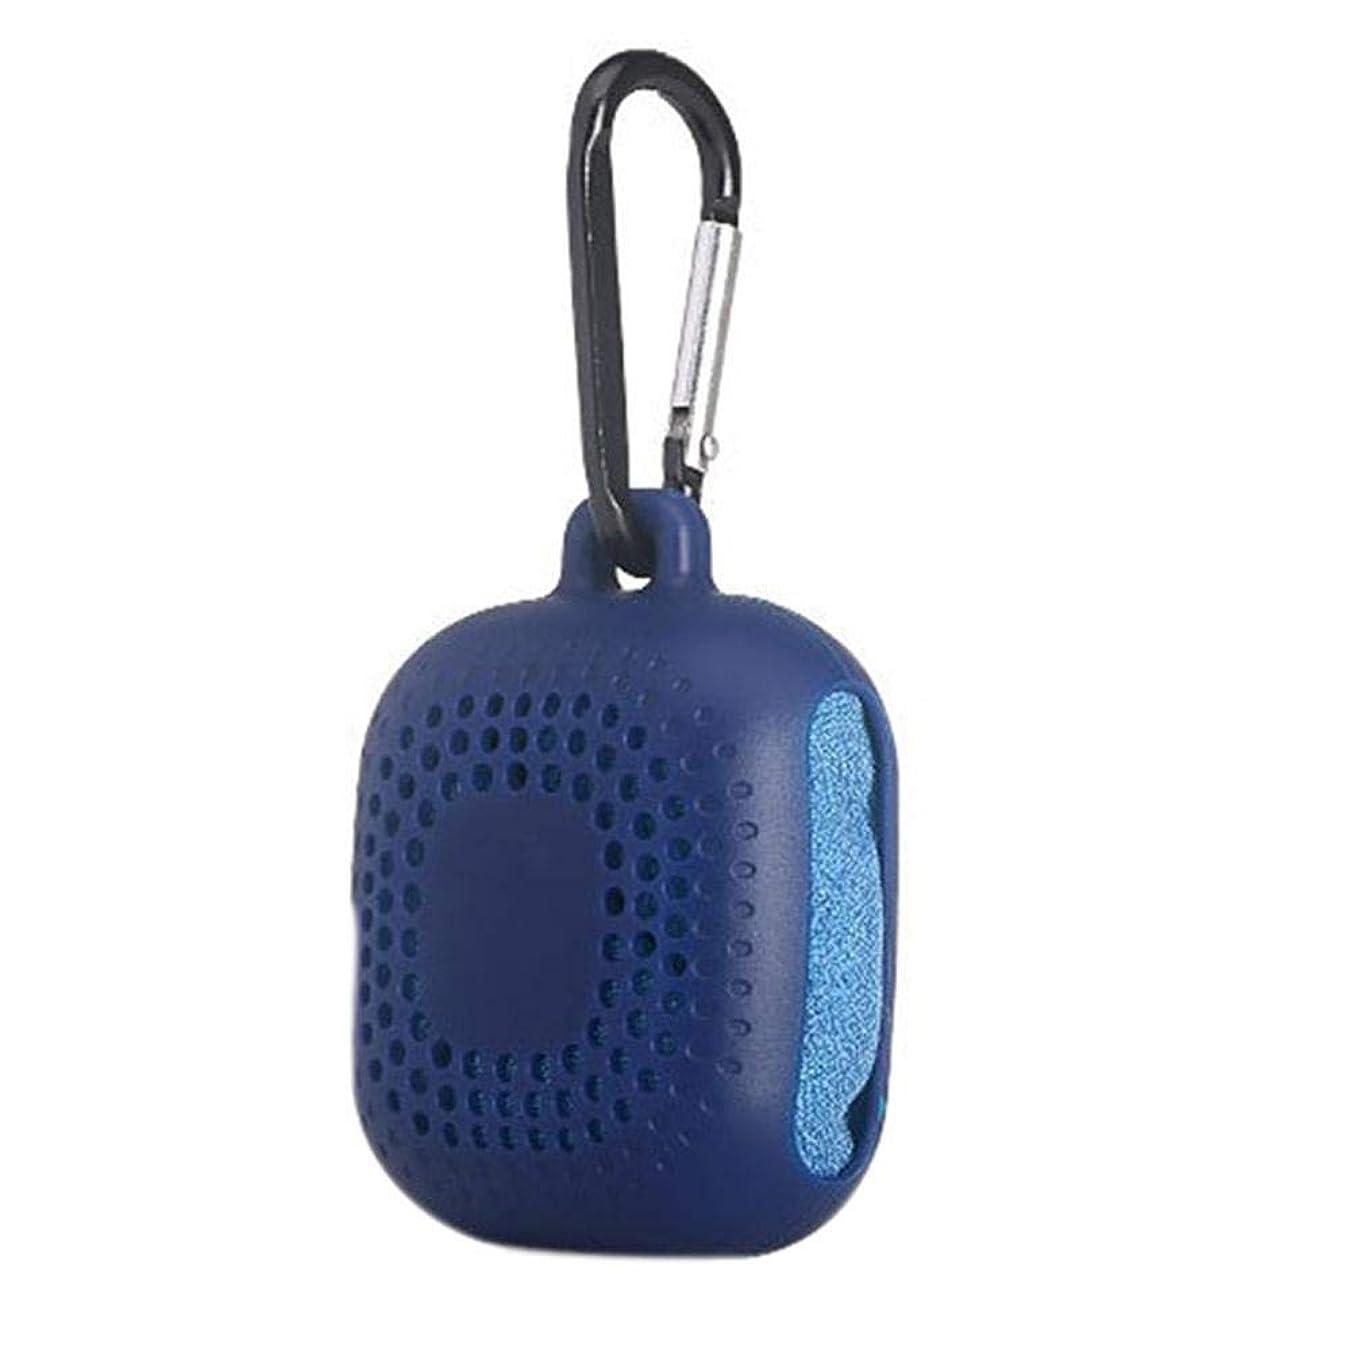 プーノ中に対抗Ling(リンー) タオル 運動タオル 柔らかい 超軽量 速乾性 携帯便利 バッグにかけ 収納ケース付け